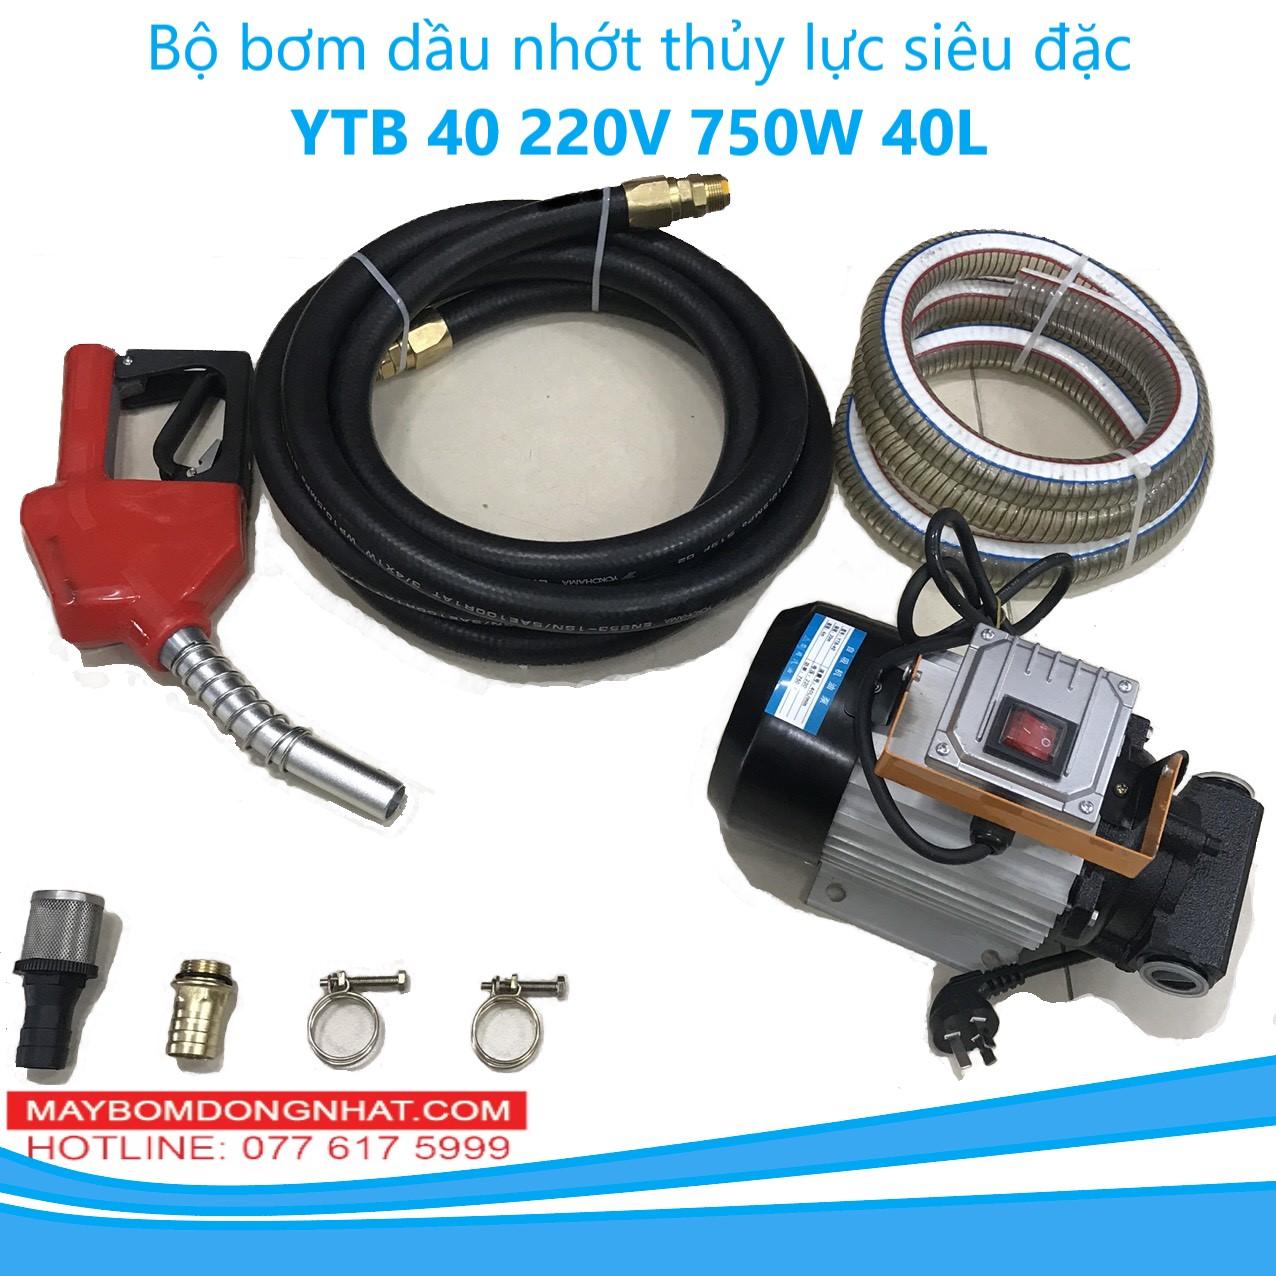 Bộ bơm dầu nhớt thủy lực siêu đặc YTB 40 220V-750W-40L/P